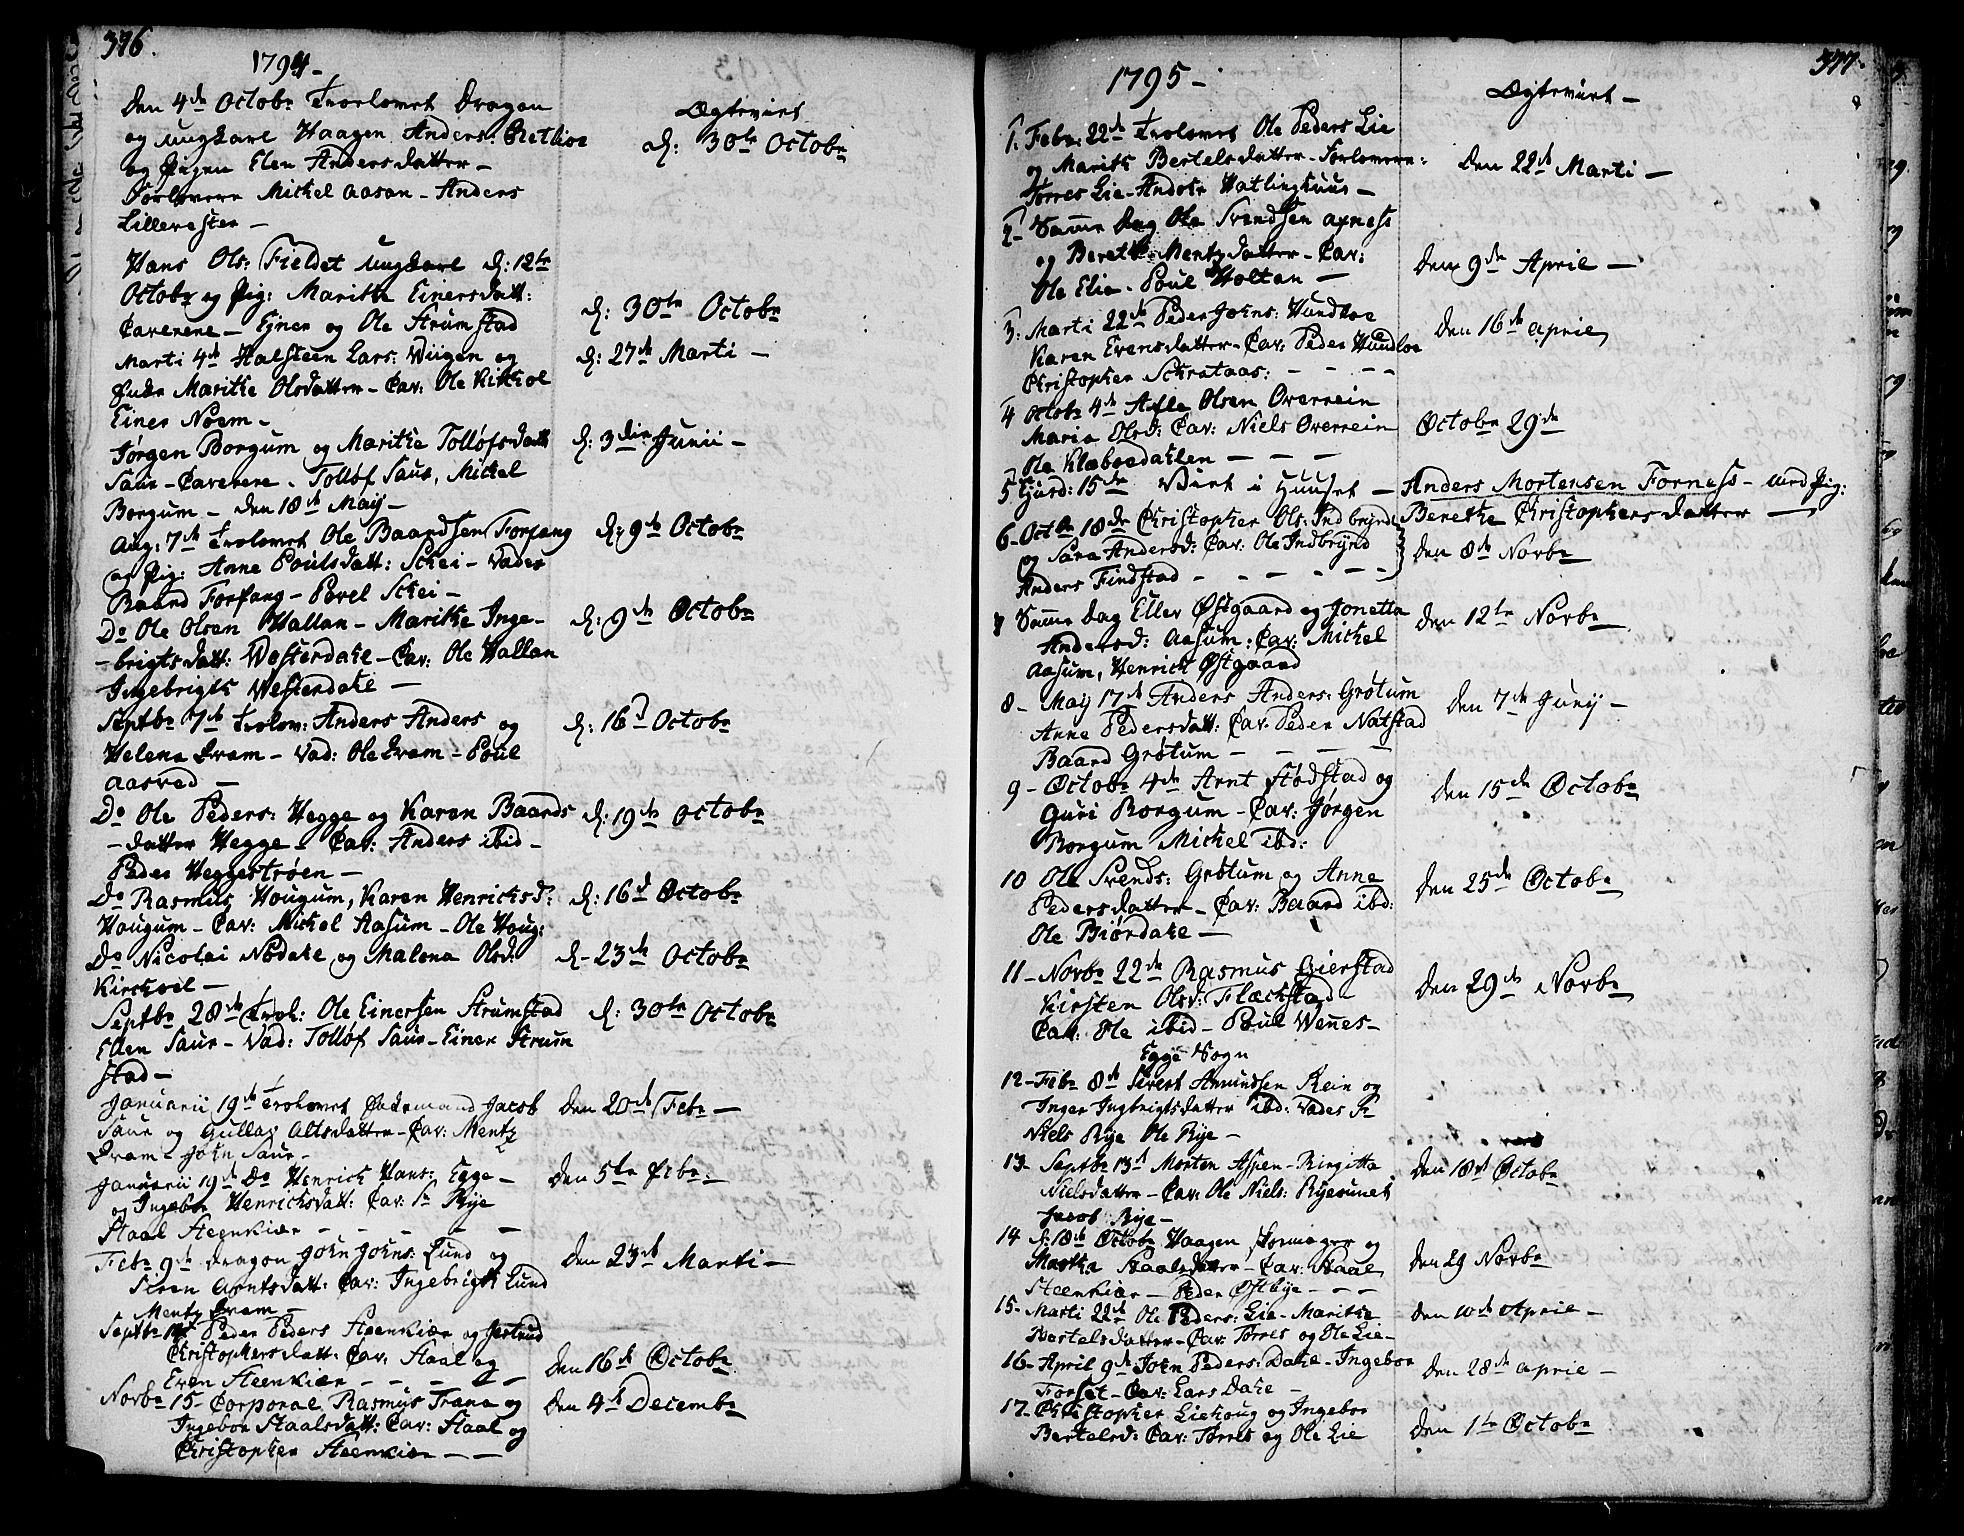 SAT, Ministerialprotokoller, klokkerbøker og fødselsregistre - Nord-Trøndelag, 746/L0440: Ministerialbok nr. 746A02, 1760-1815, s. 376-377